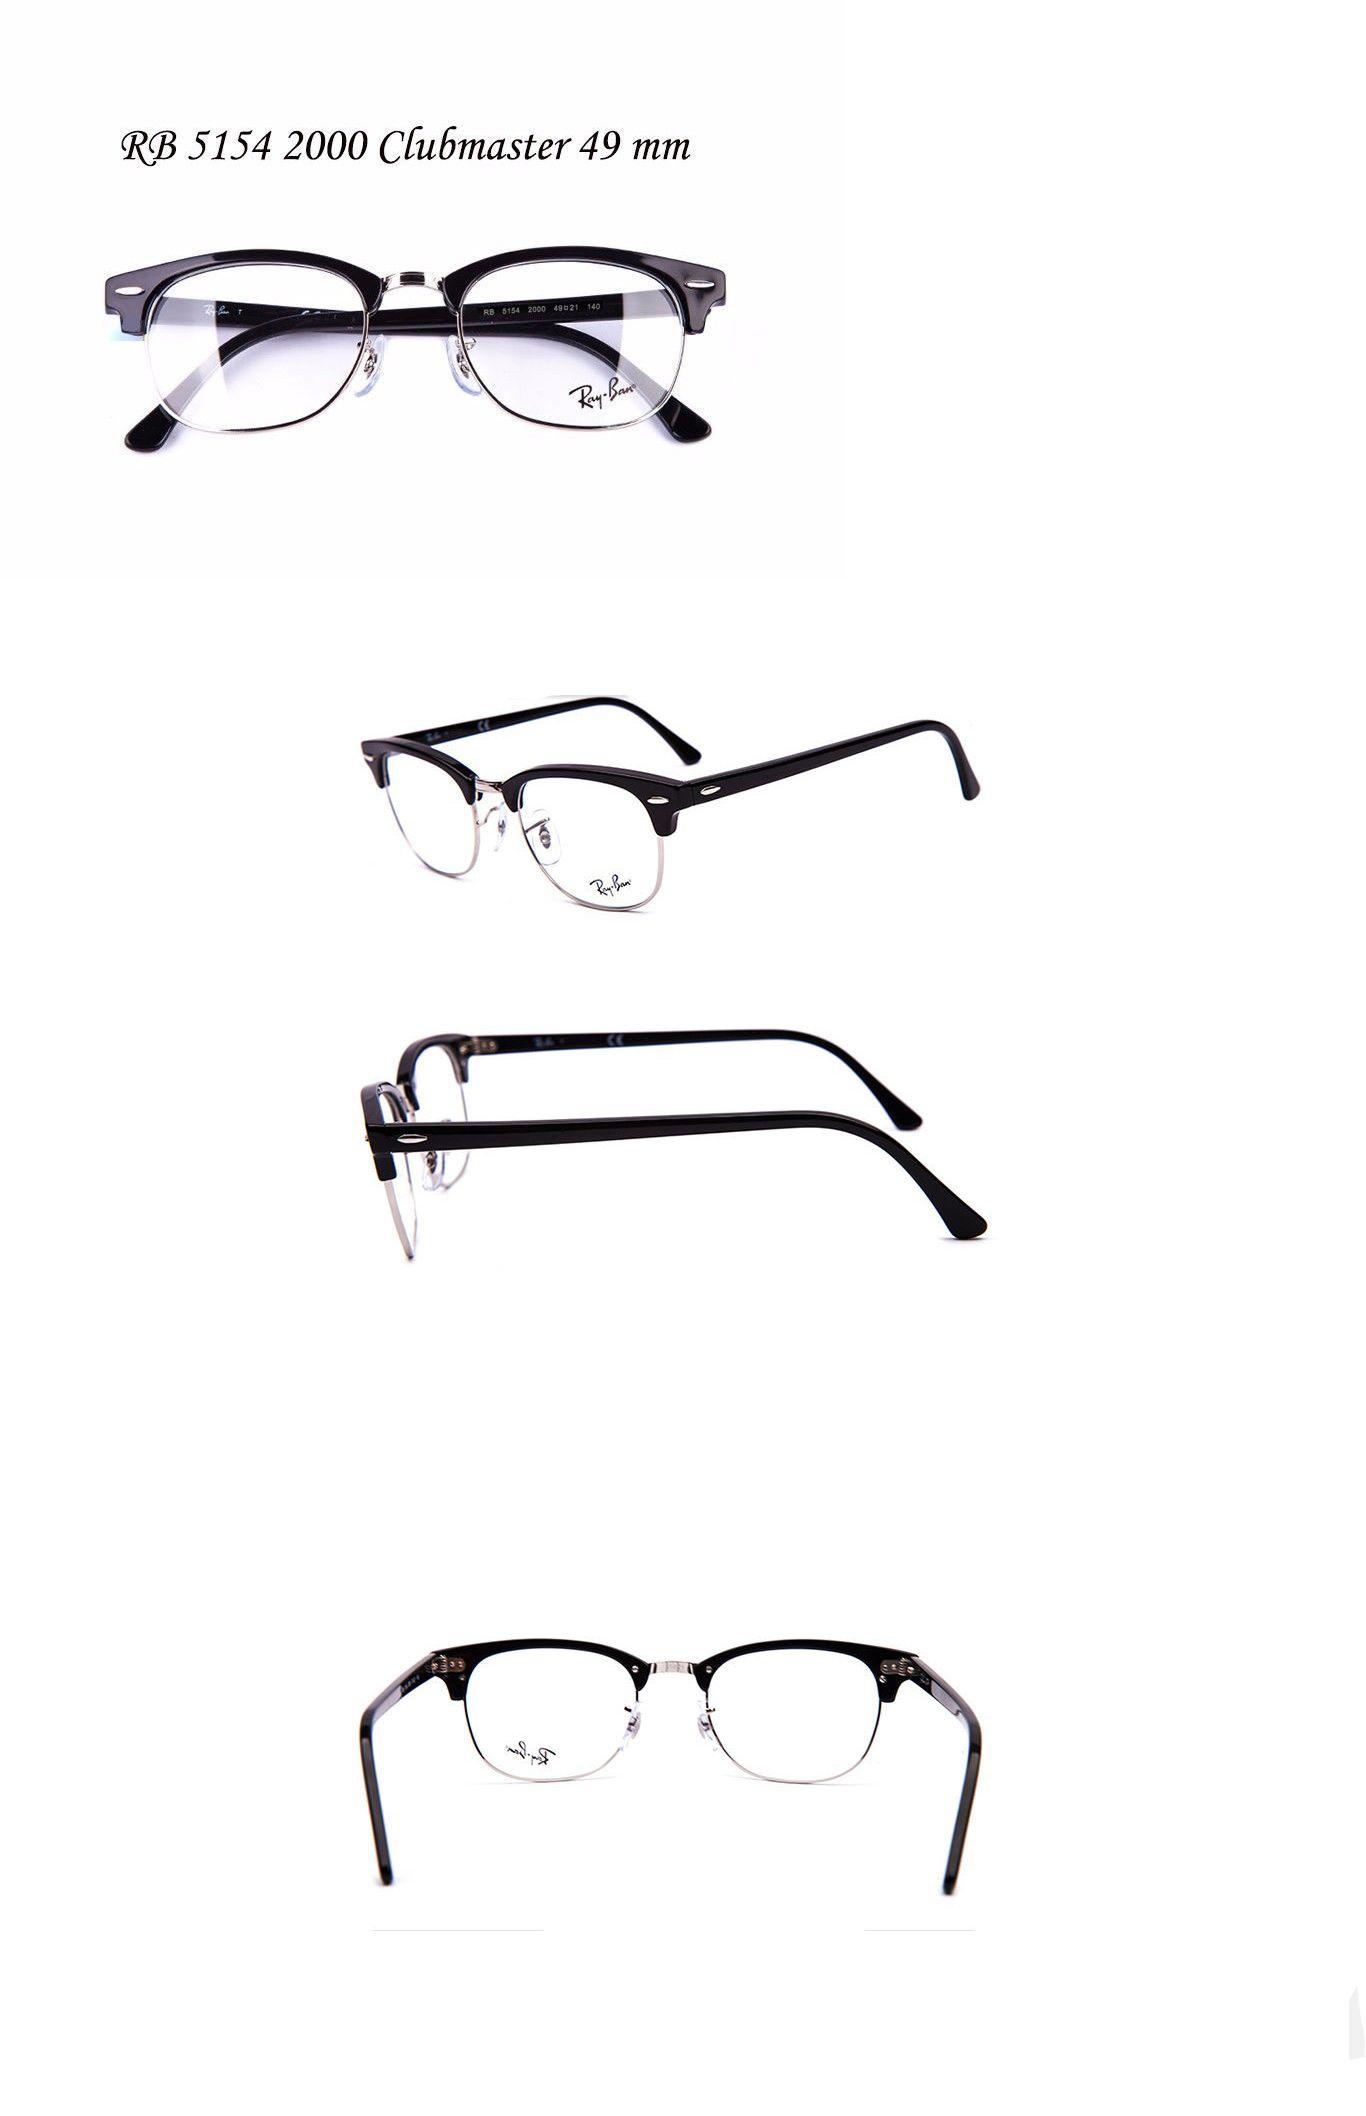 3ab7202b734 Eyeglass Frames  Rayban Eyeglass Frame Rb Rx 5154 2000 Clubmaster Black  Frame Silver Rim 49Mm